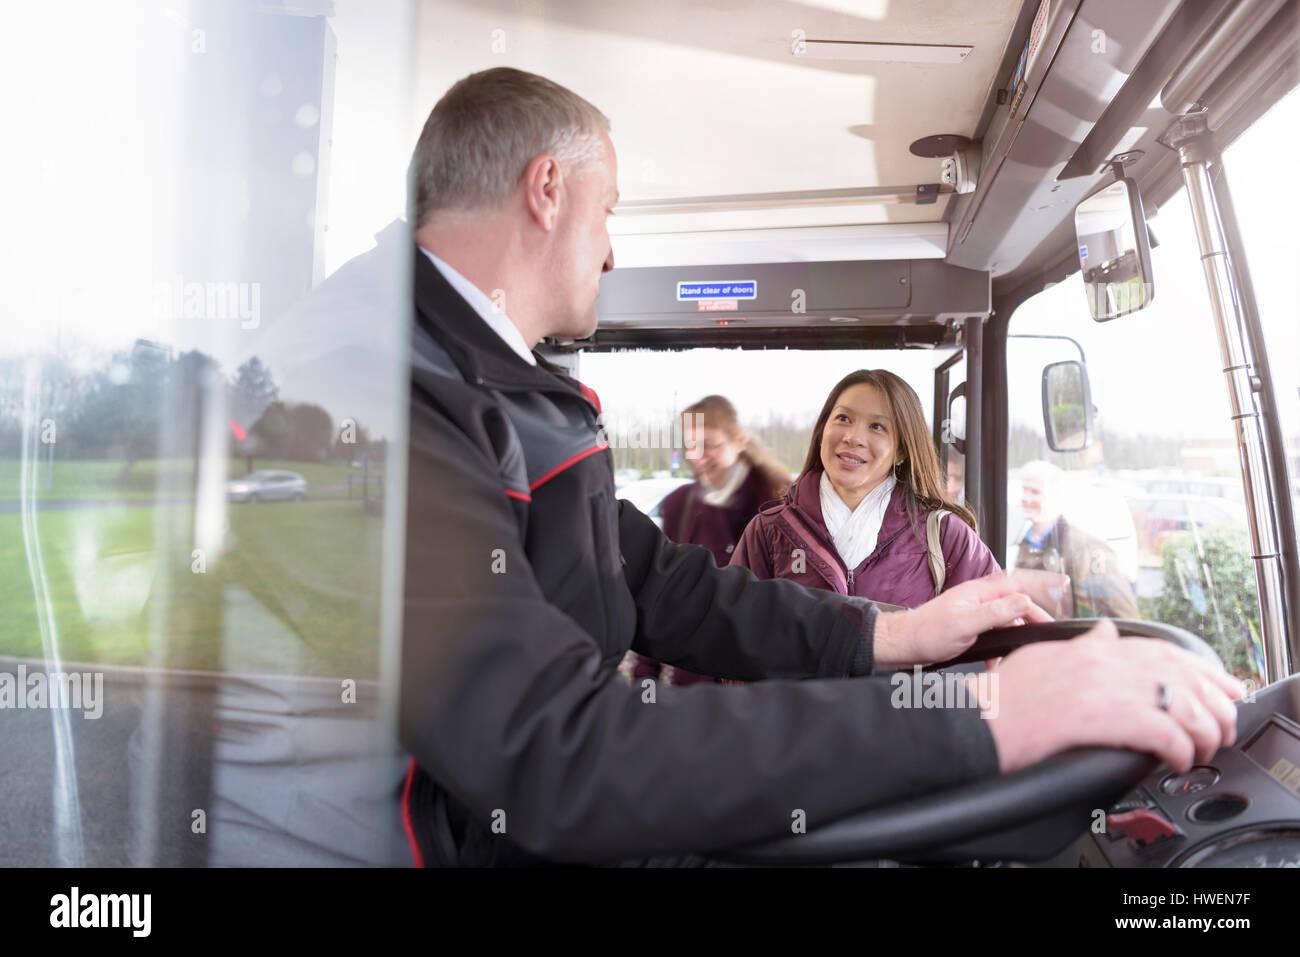 Conductor de autobuses de pasajeros de autobús eléctrico de embarque Imagen De Stock